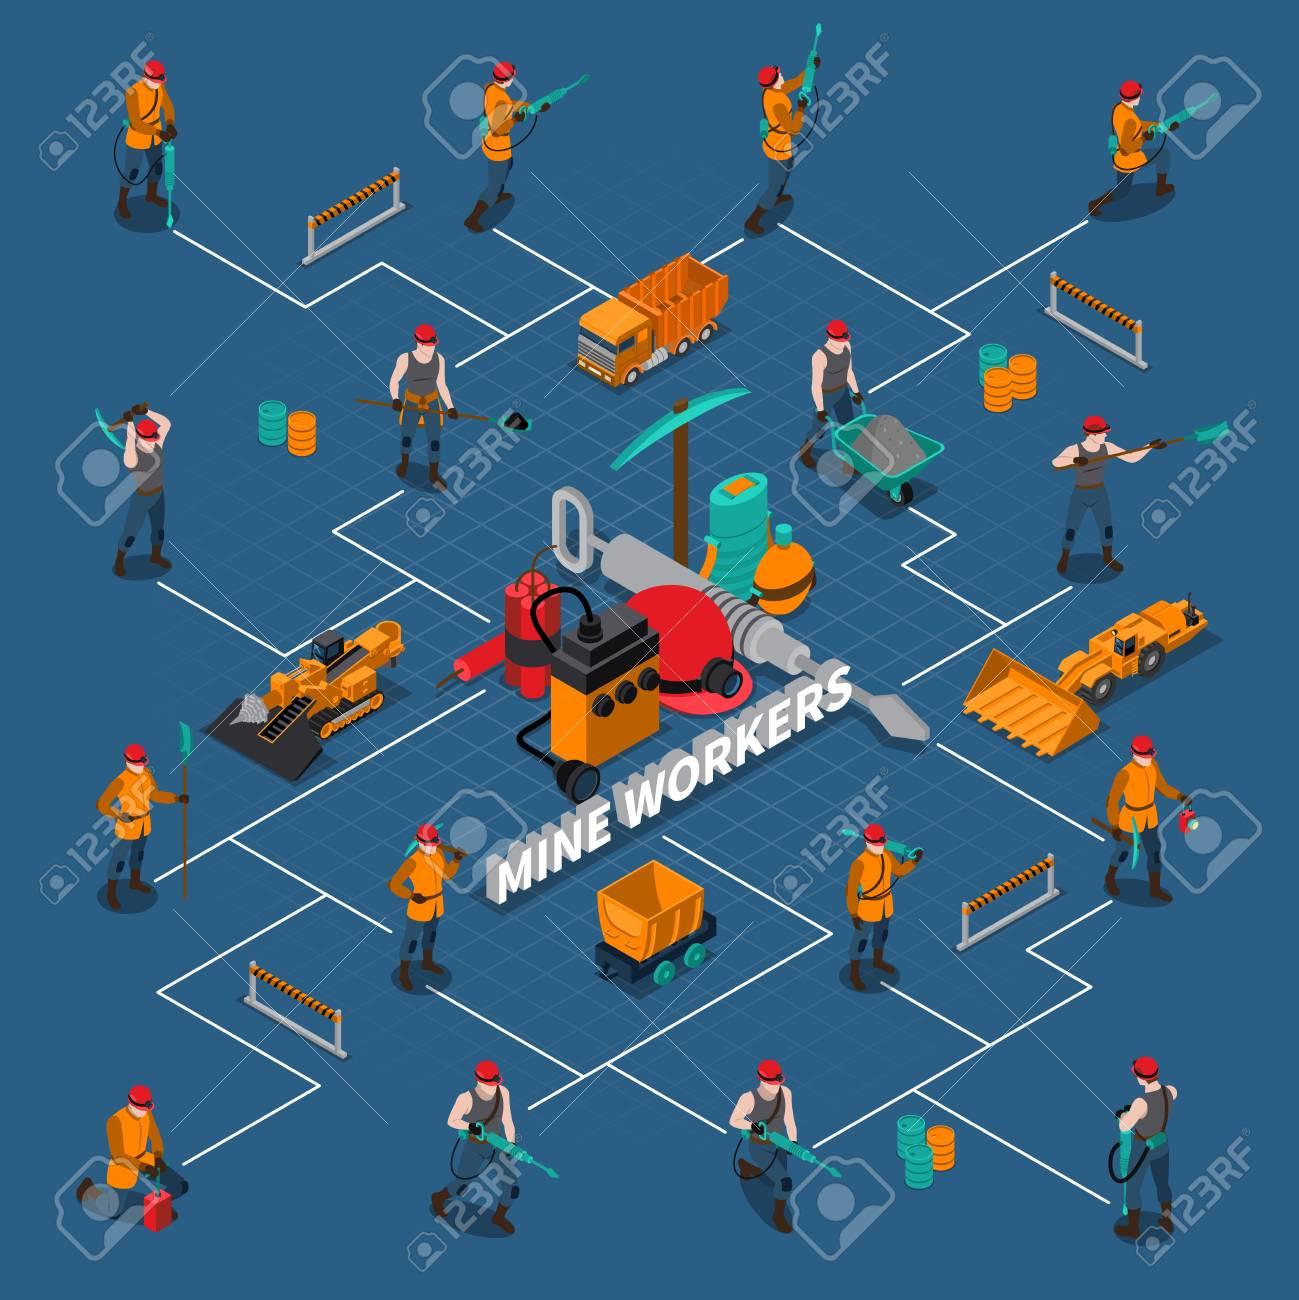 Diagrama de flujo isomtrica con personas minero mining inventario y diagrama de flujo isomtrica con personas minero mining inventario y maquinaria sobre fondo azul ilustracin vectorial ccuart Images